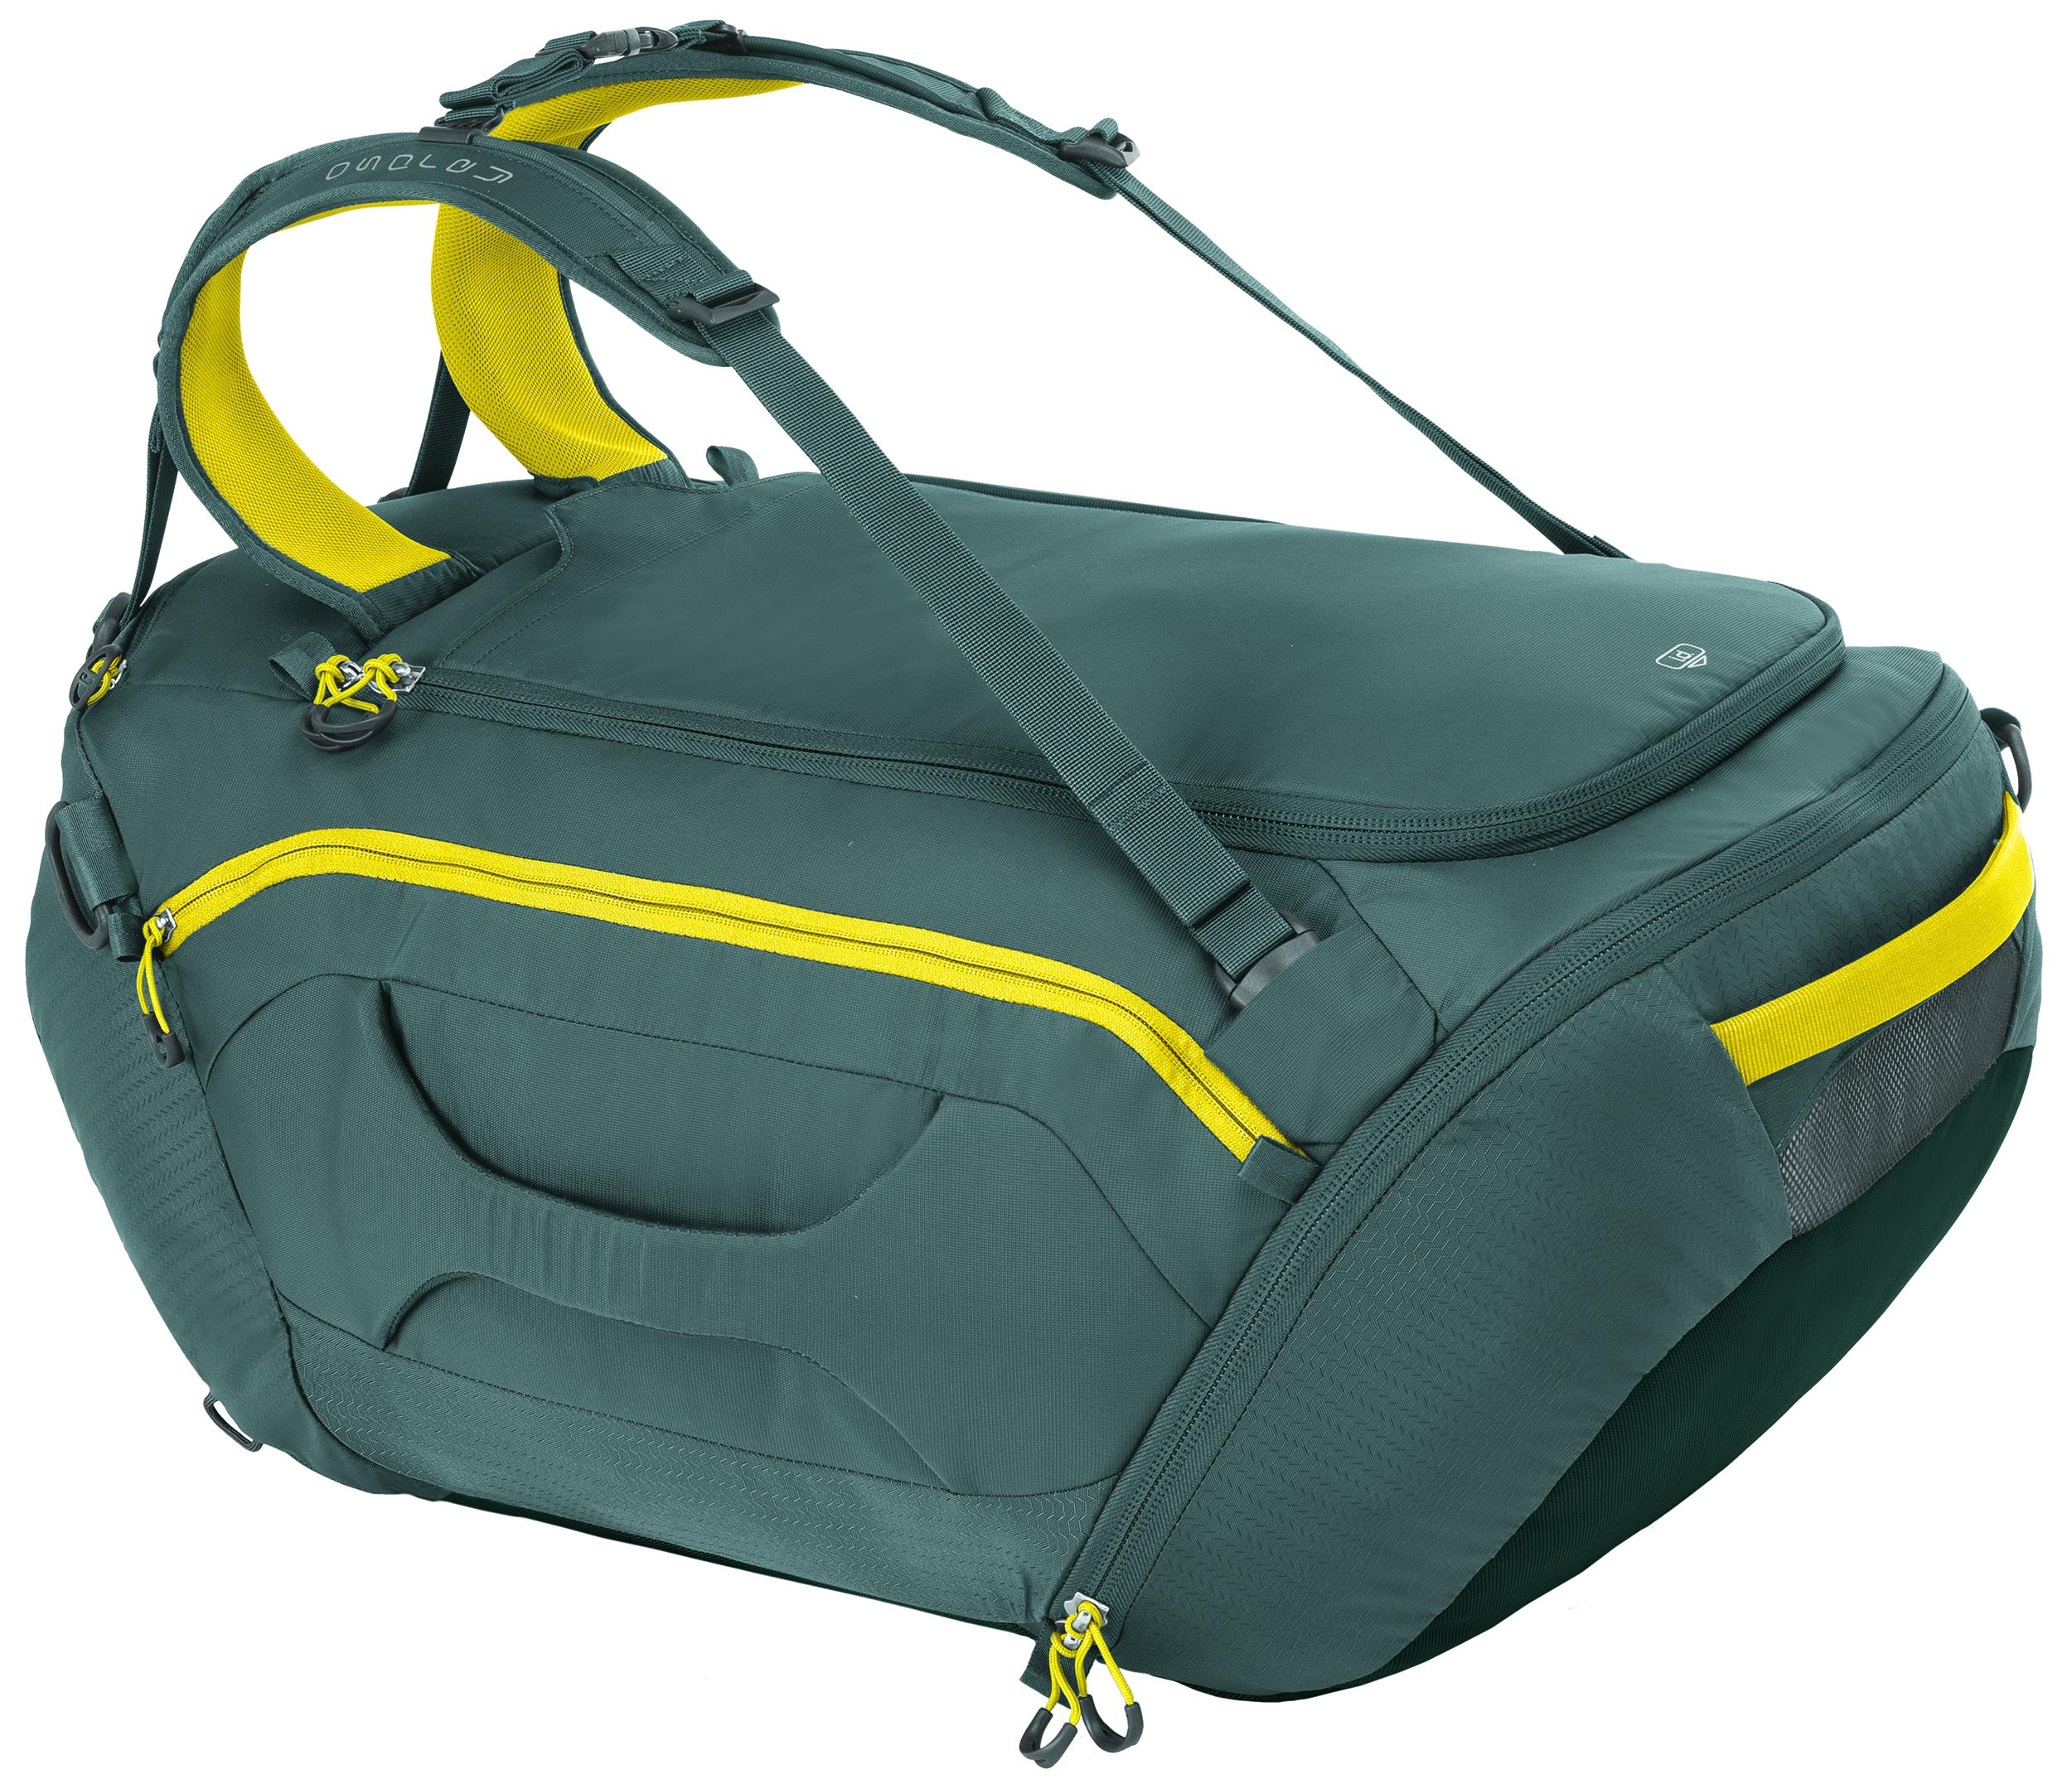 fad5074af8ae Osprey Big Kit Duffle - Unisex